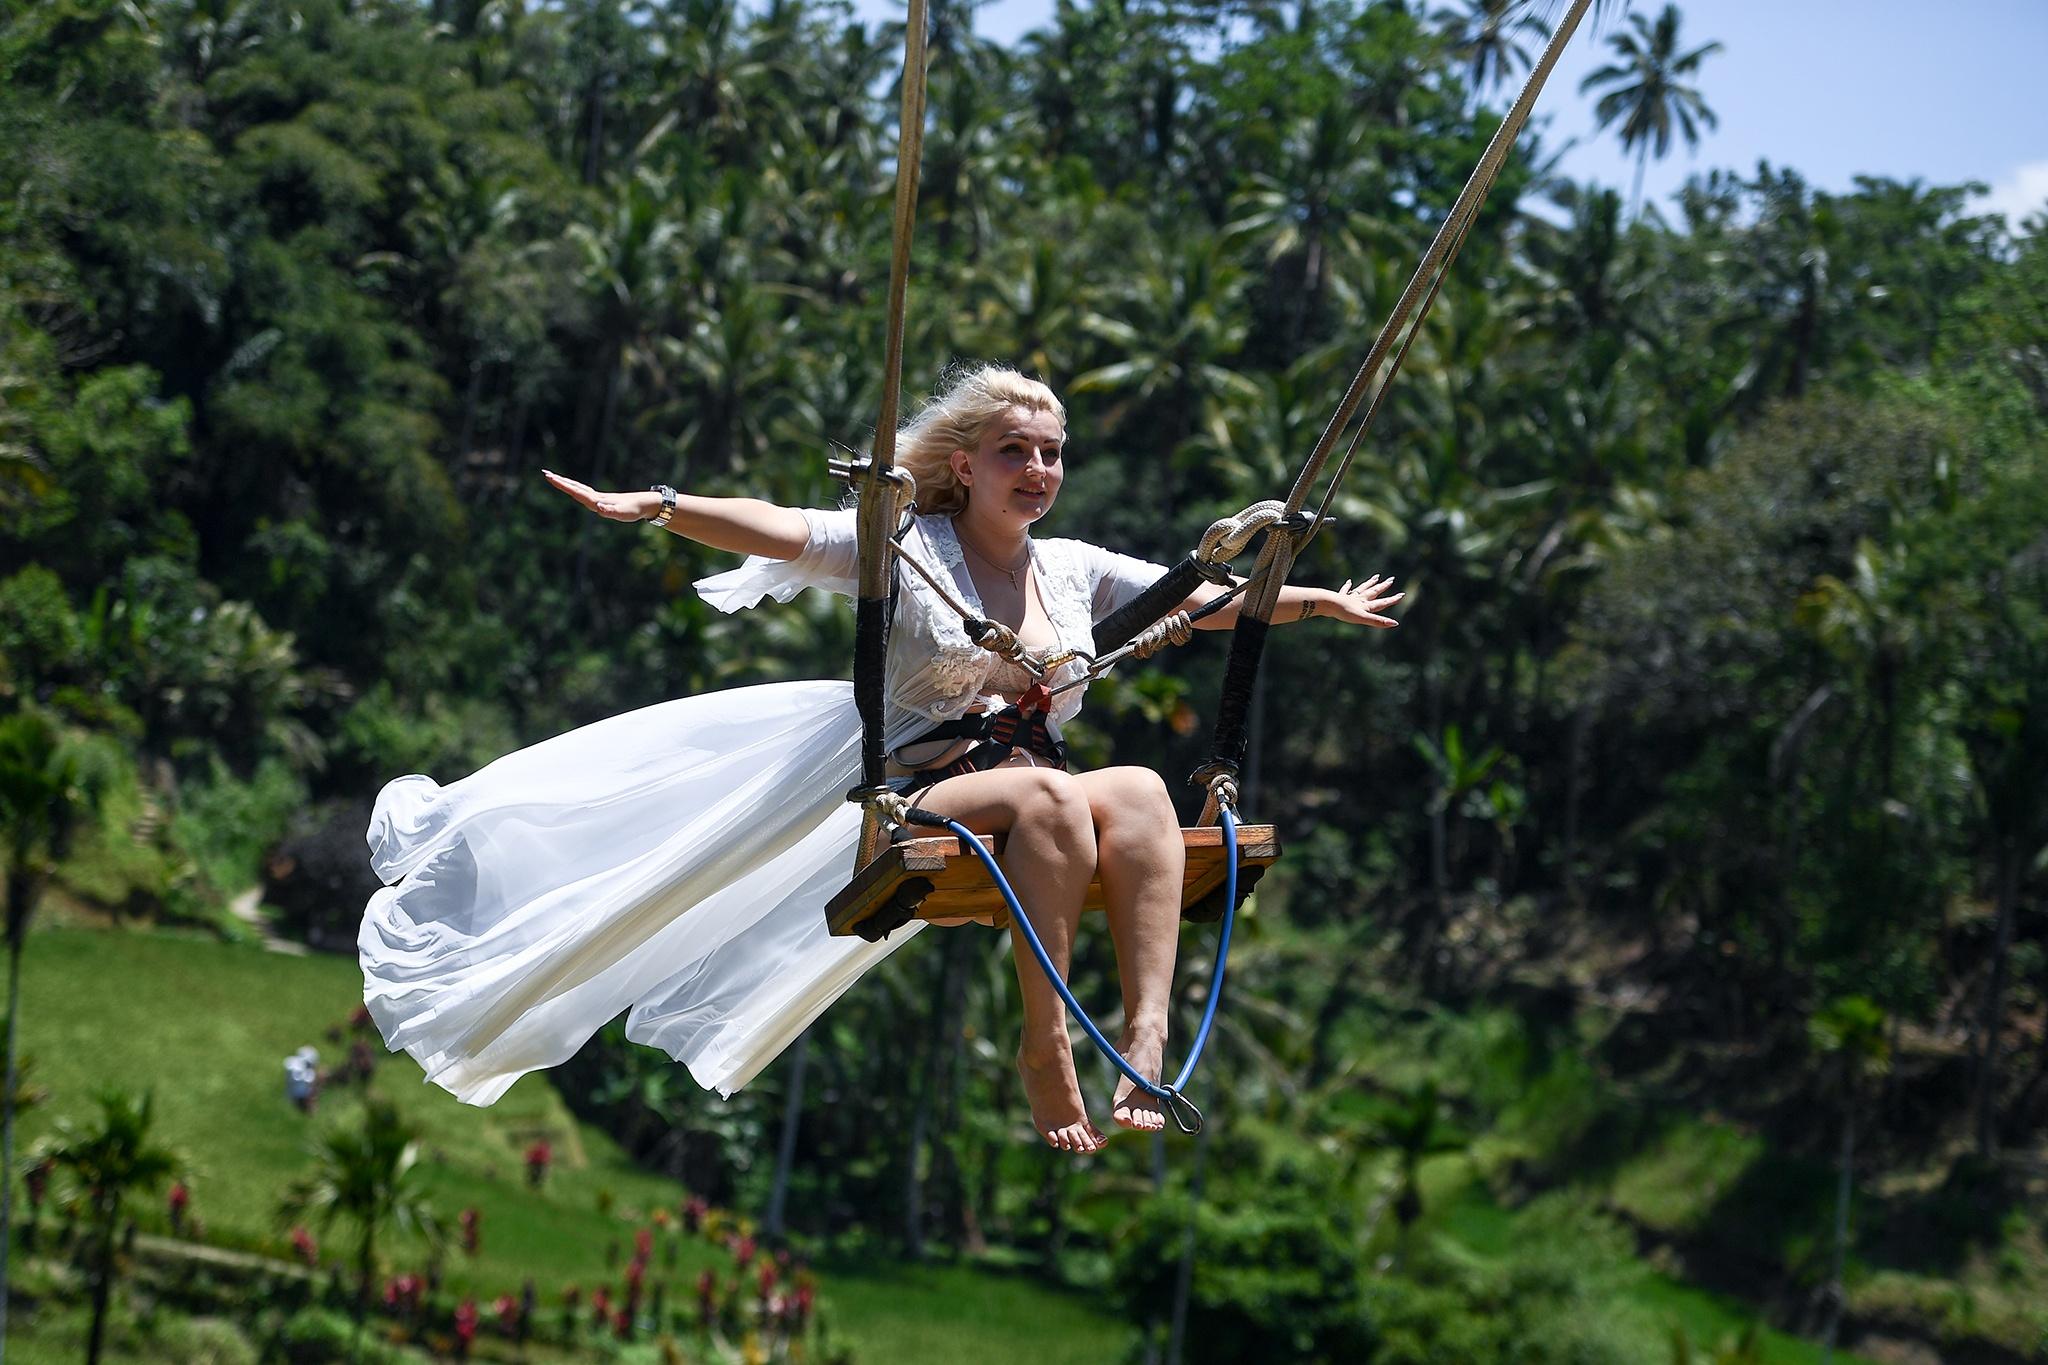 Nhung ngay duoi bat mat troi lan o Bali hinh anh 25